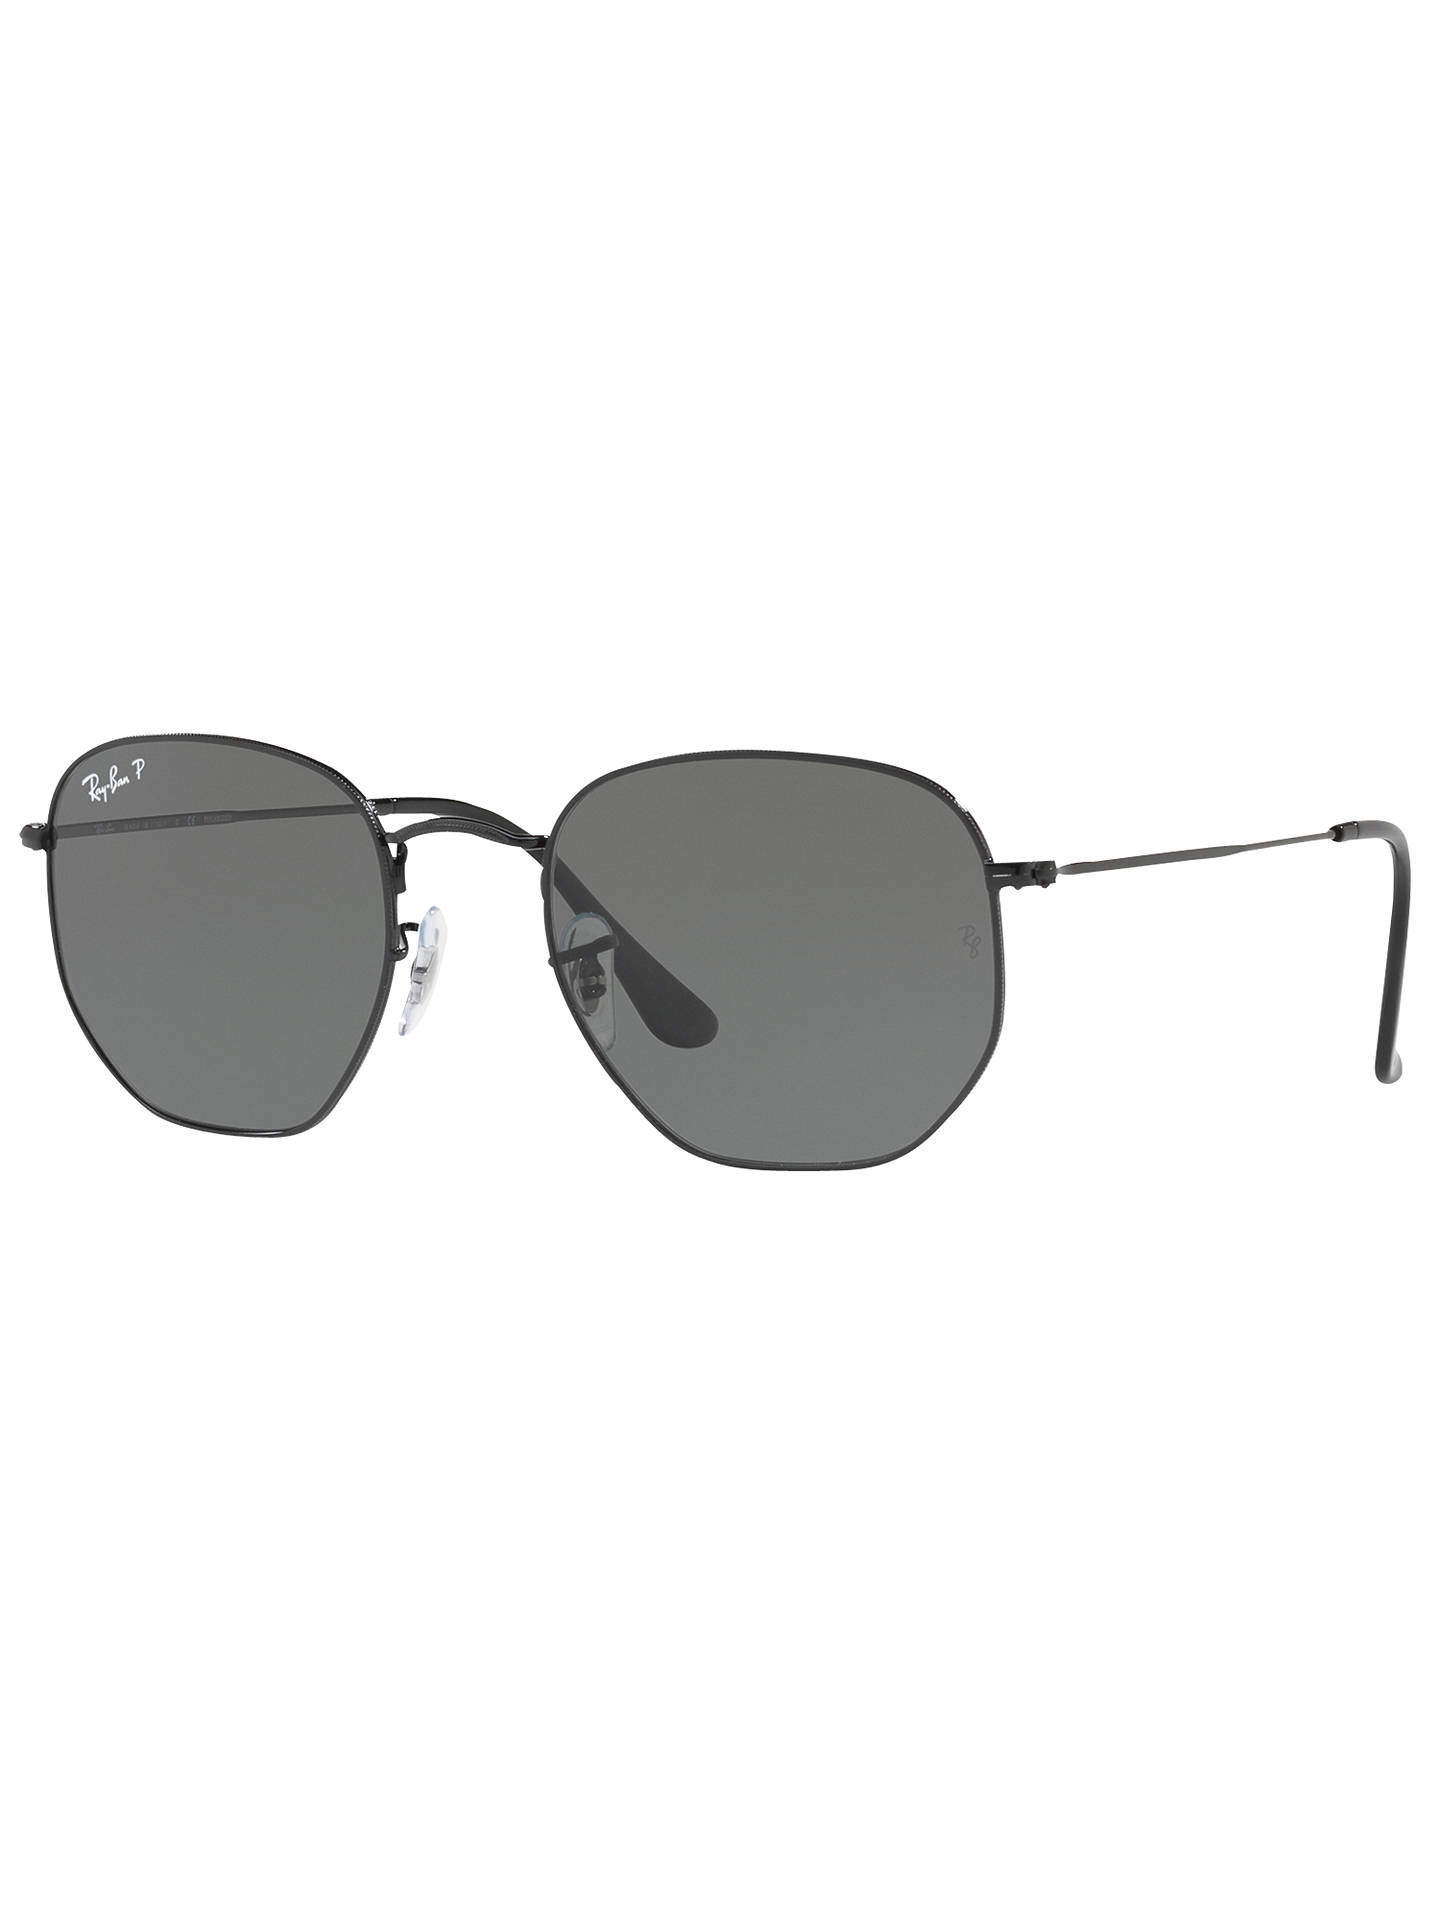 b38d3aaa986 Ray-Ban RB3548N Polarised Hexagonal Flat Lens Sunglasses at John ...